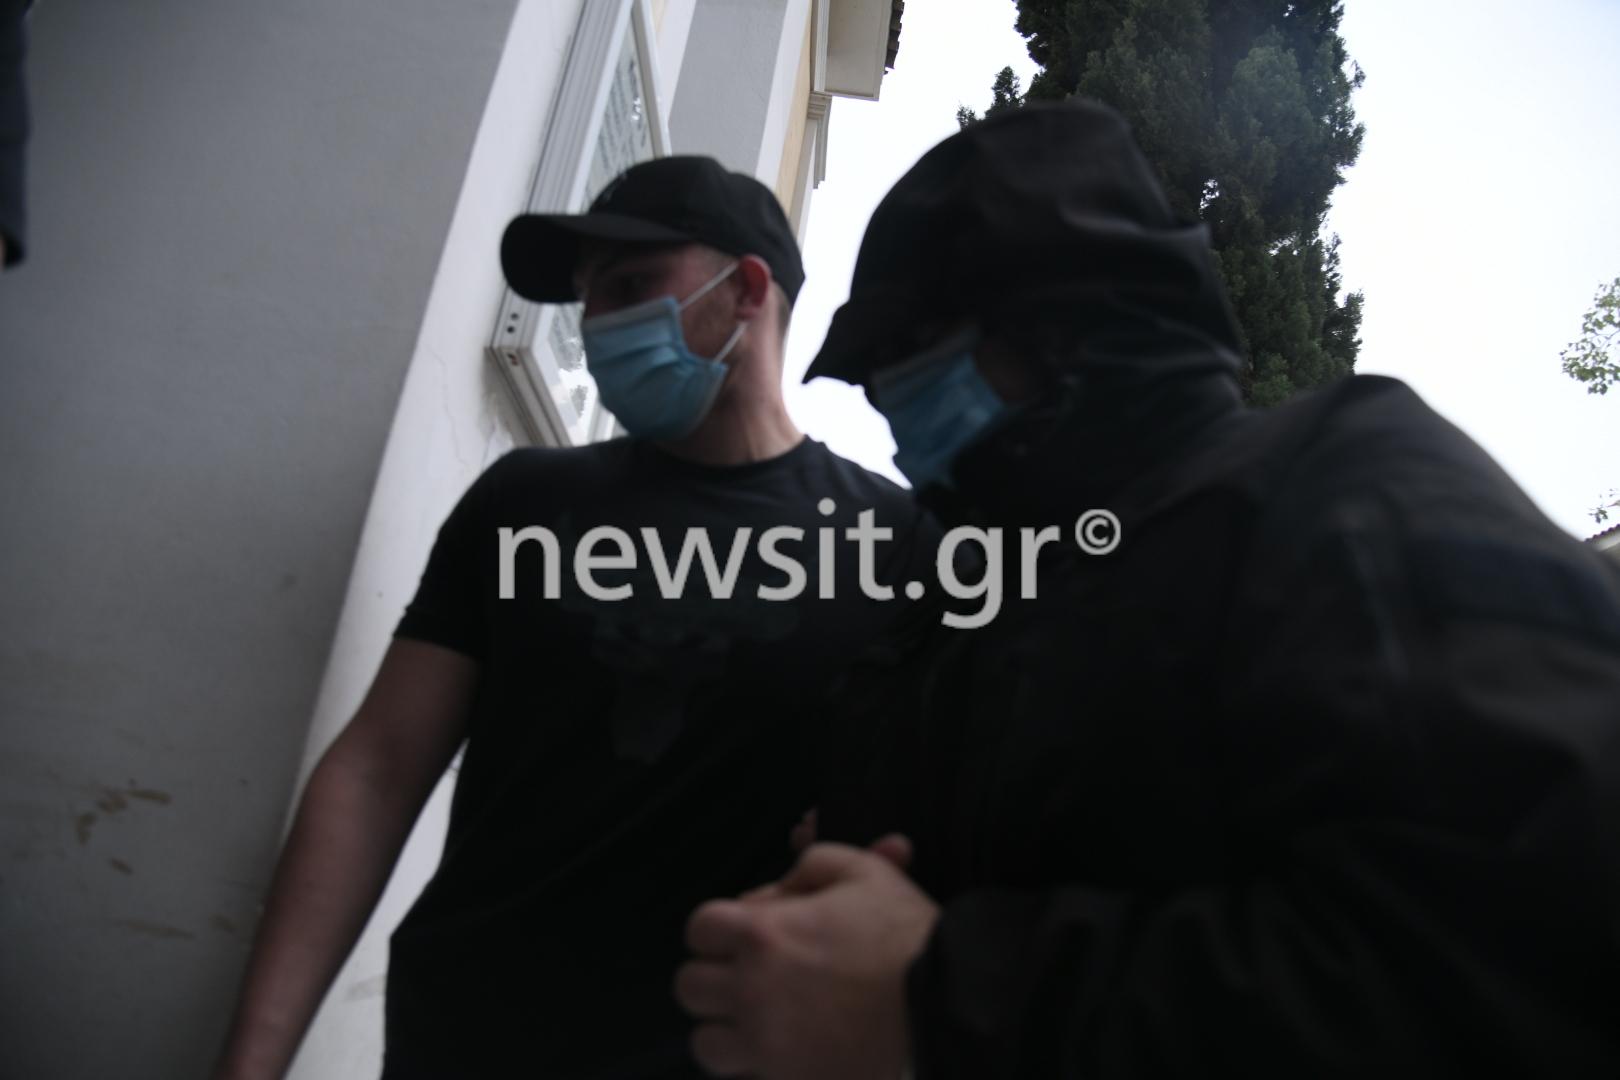 Μένιος Φουρθιώτης: Στην Ευελπίδων για να απολογηθεί – Τι υποστηρίζουν οι συγκατηγορούμενοί του (pics)